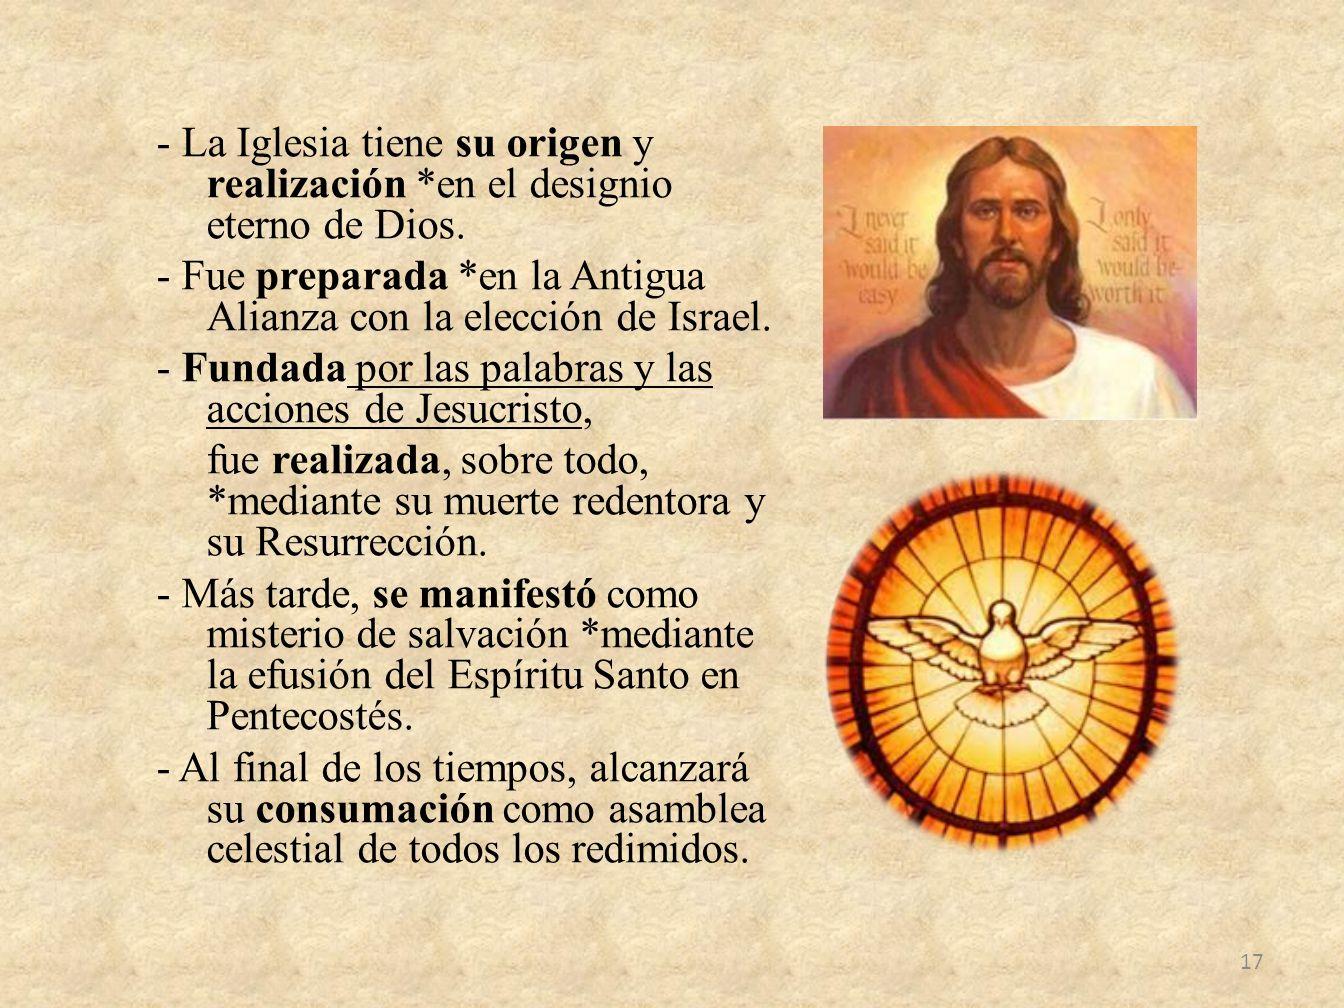 - La Iglesia tiene su origen y realización *en el designio eterno de Dios. - Fue preparada *en la Antigua Alianza con la elección de Israel. - Fundada